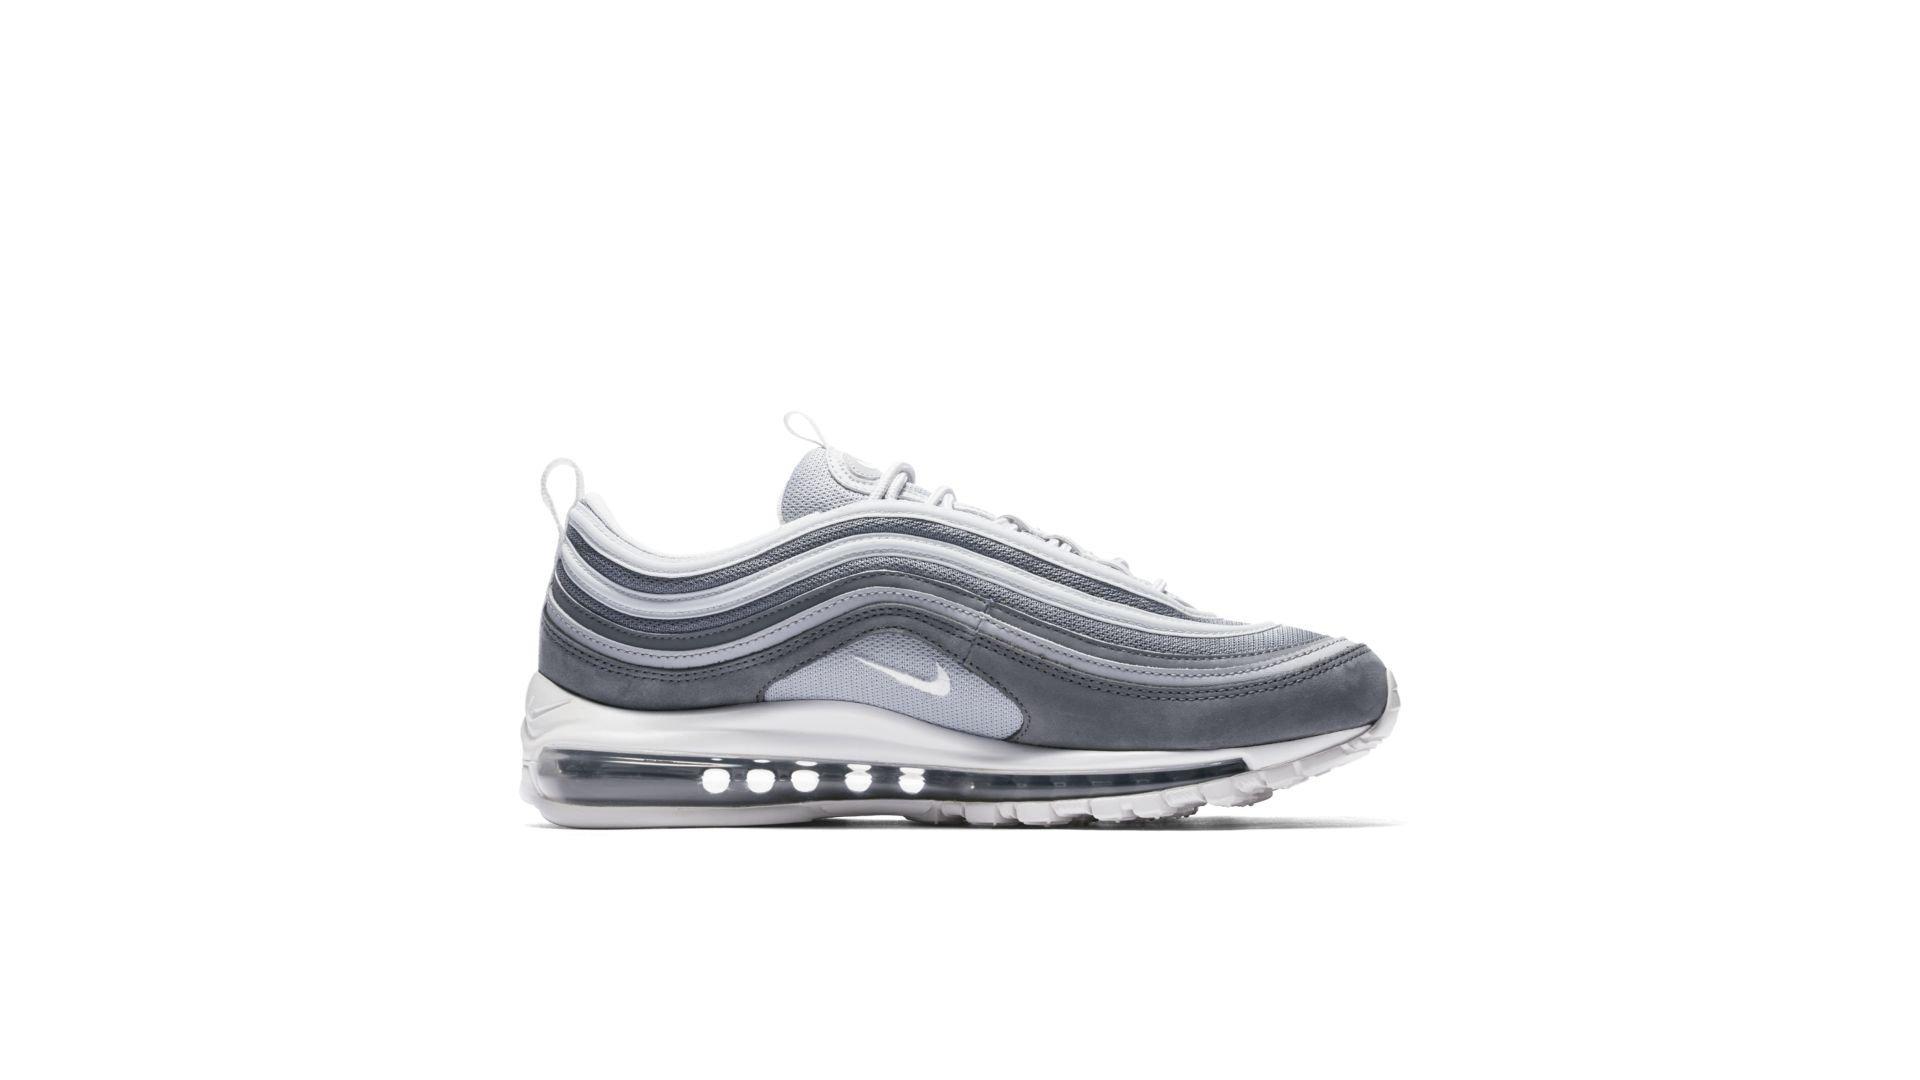 Nike Air Max 97 Premium 312834-005